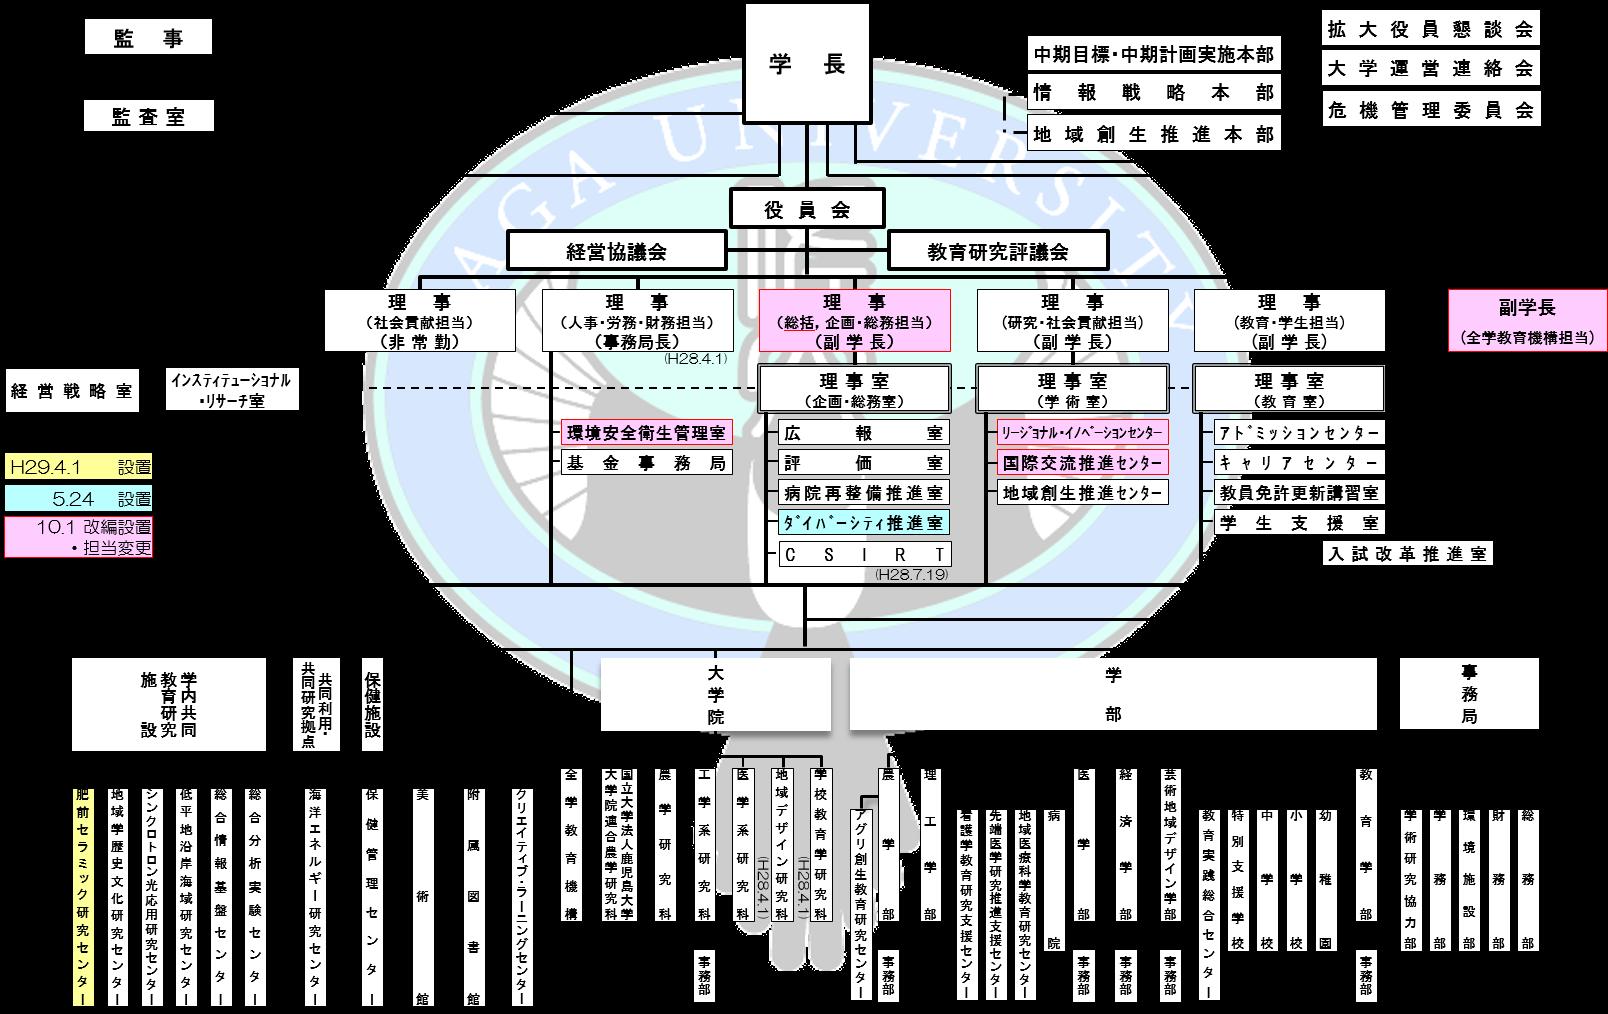 大学機構図